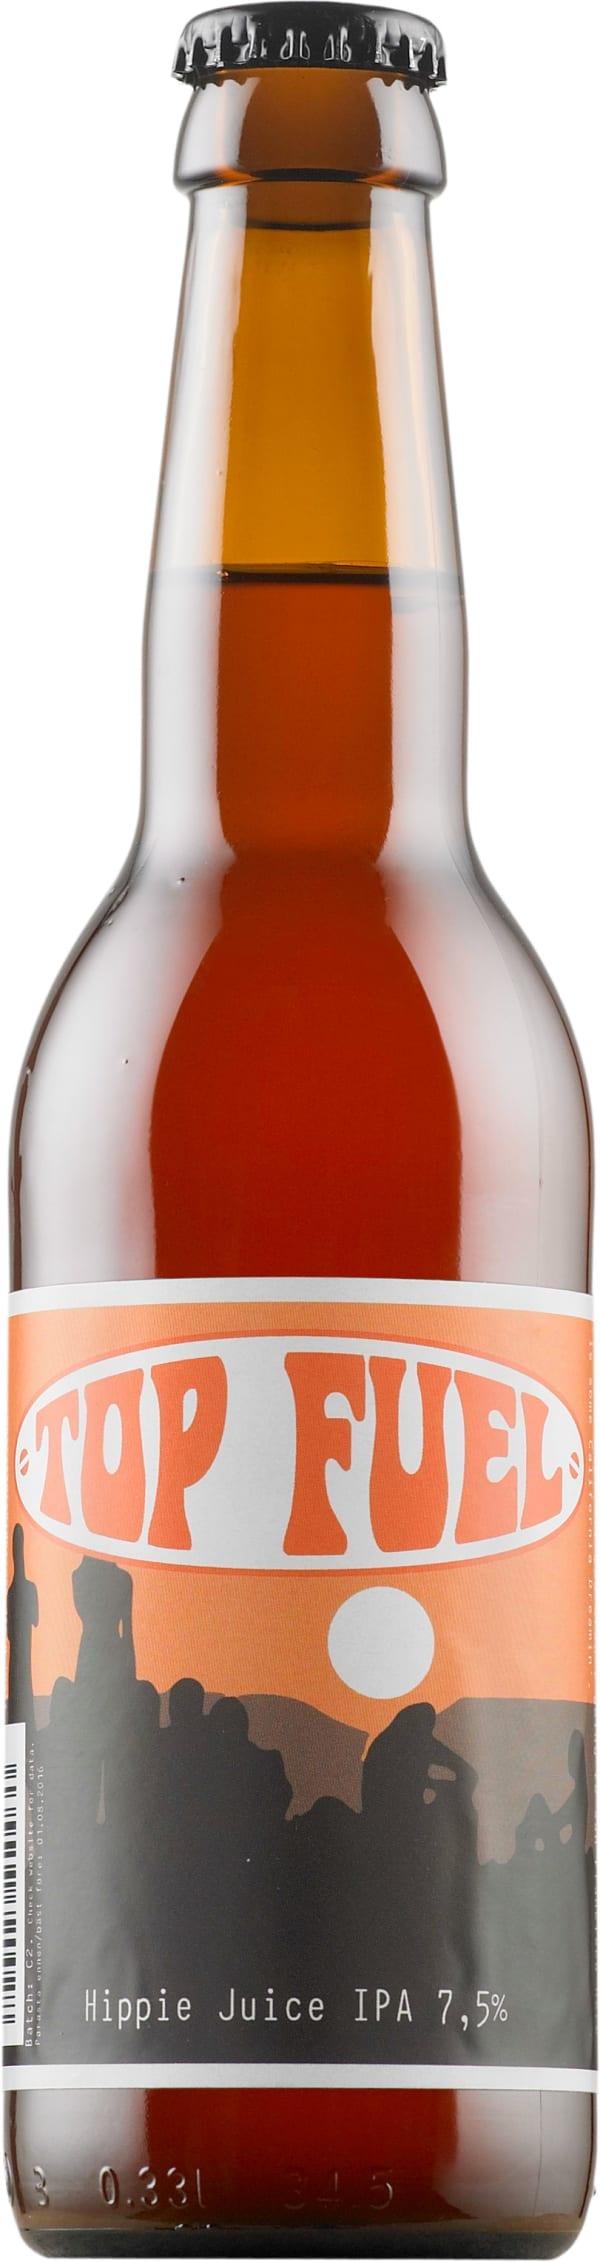 Top Fuel Hippie Juice IPA